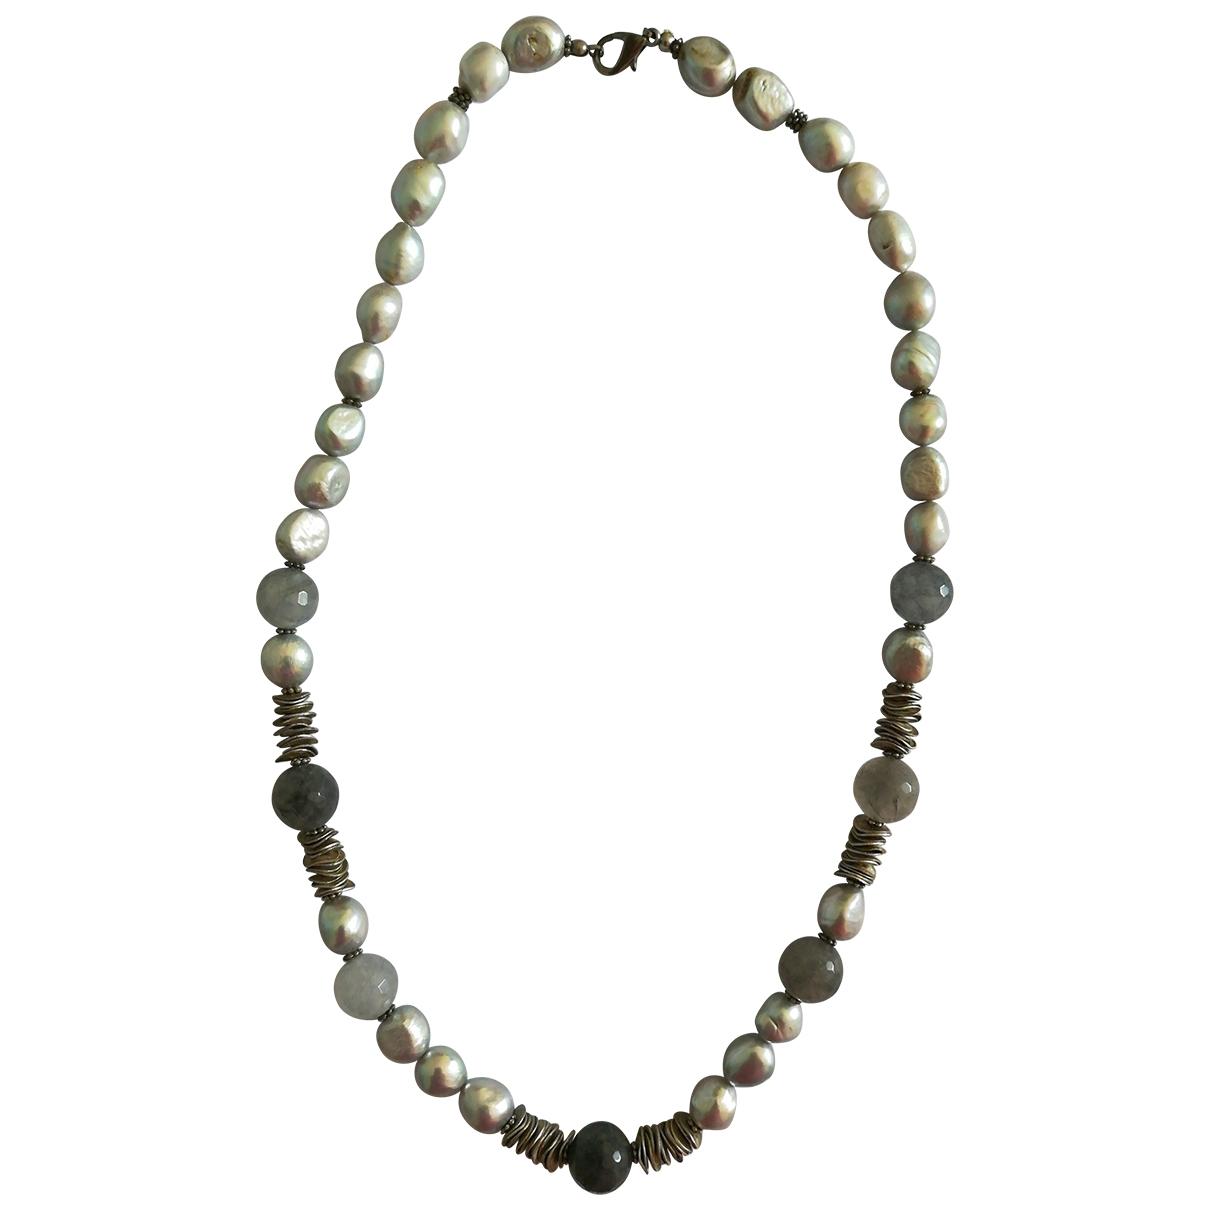 Collar Corail de Perlas Non Signe / Unsigned